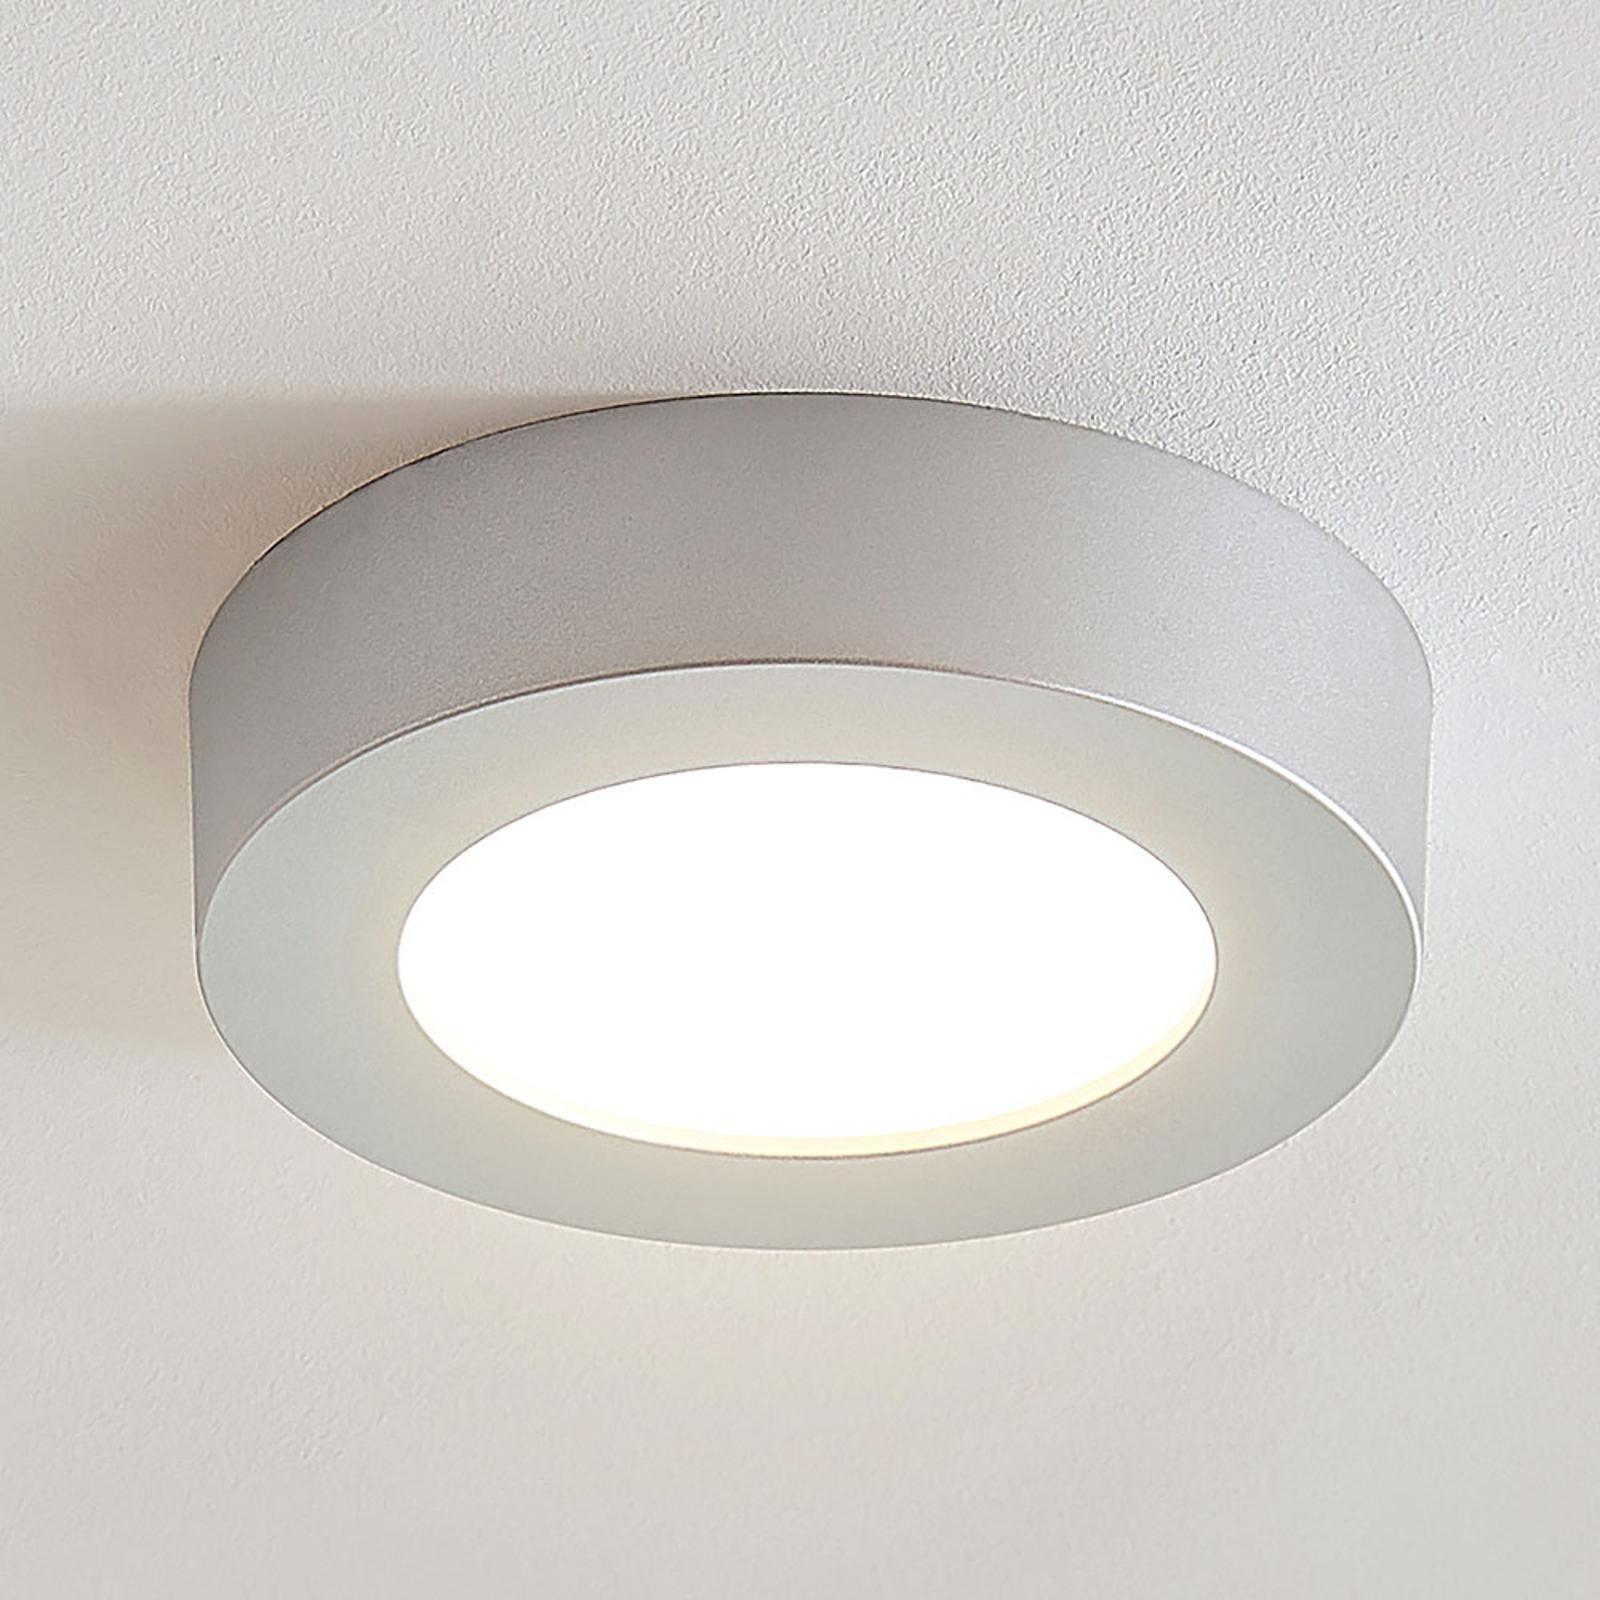 Plafoniera LED Marlo argento 3.000K rotonda 18,2cm